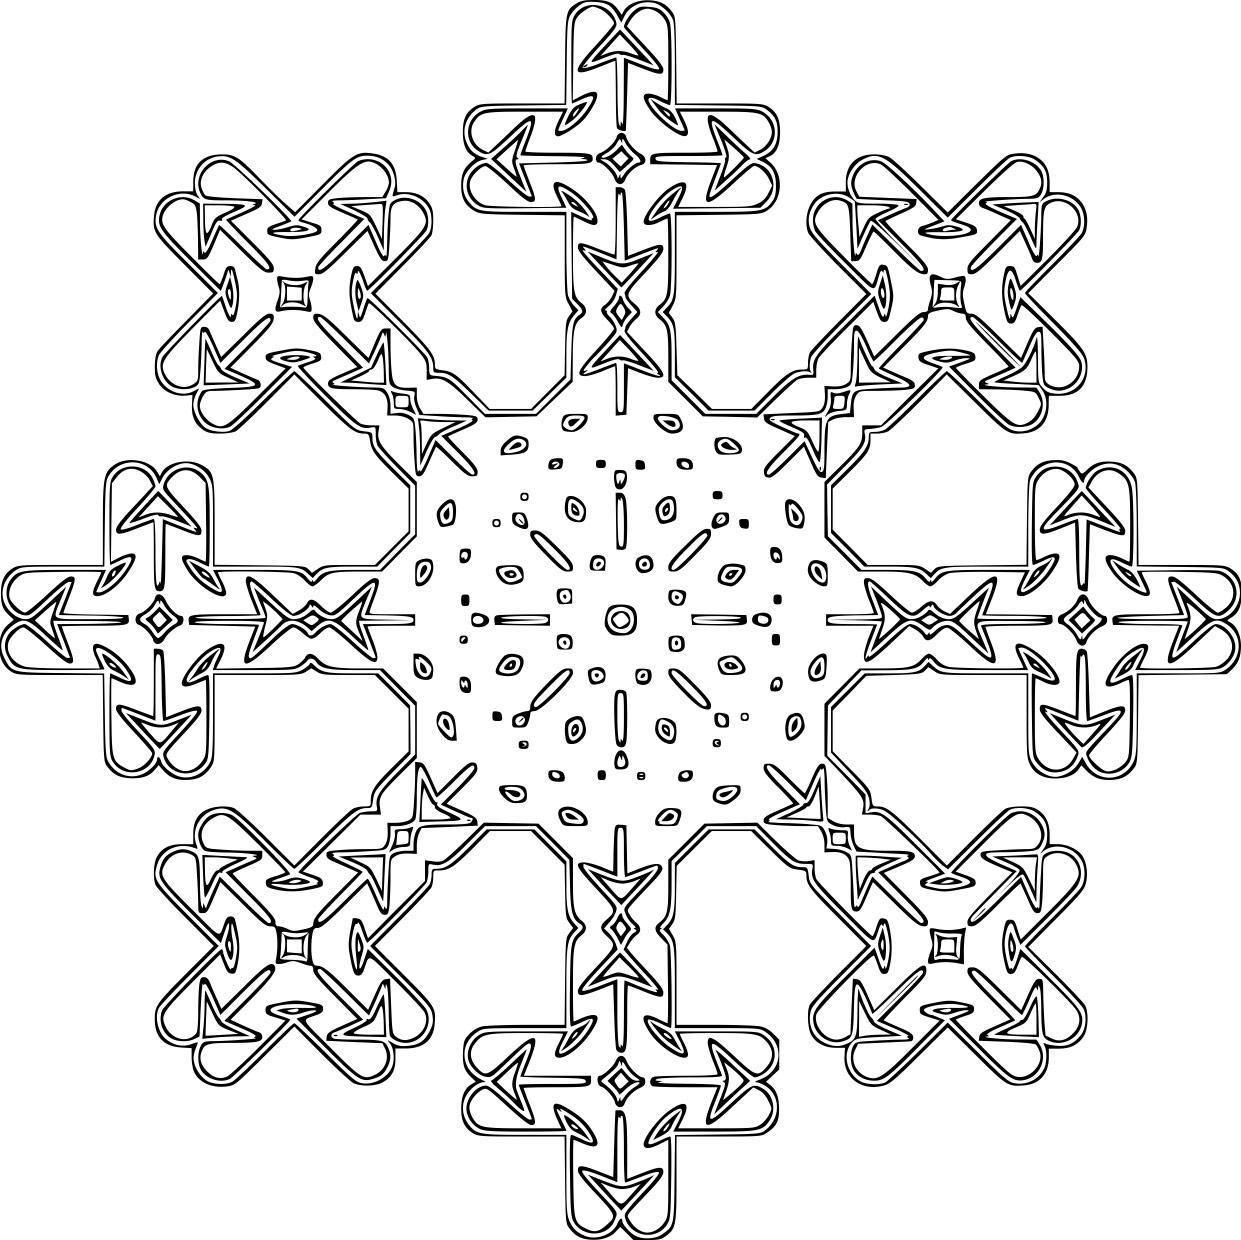 Malvorlage Schneeflocke Kostenlose Ausmalbilder Zum